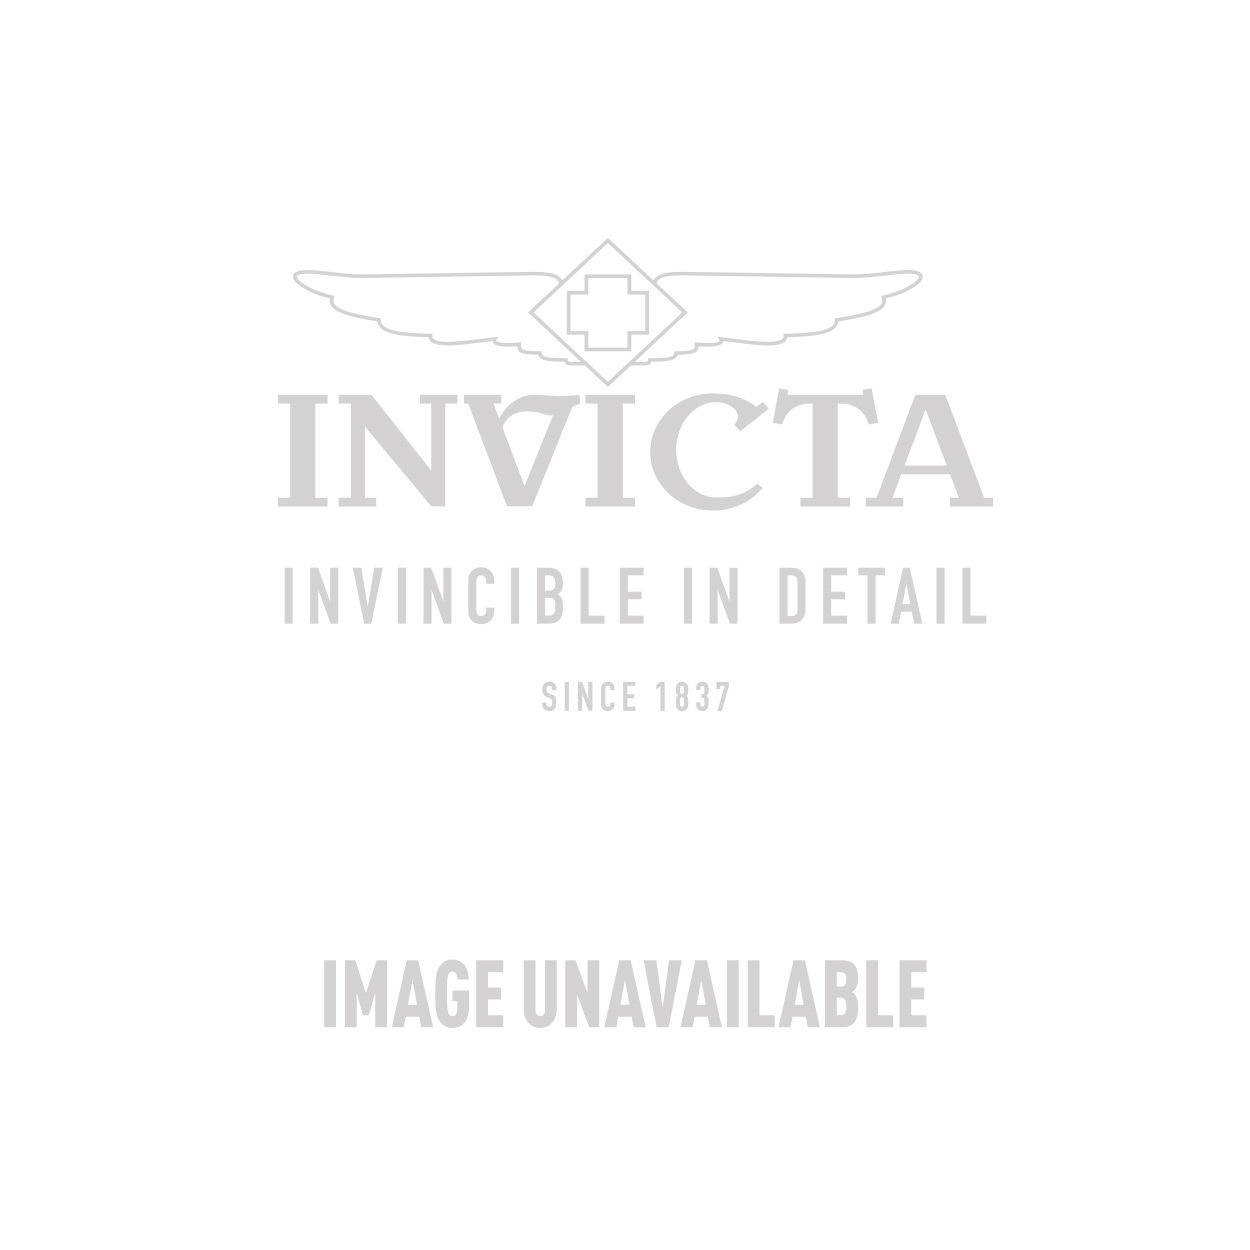 Invicta Model 29088